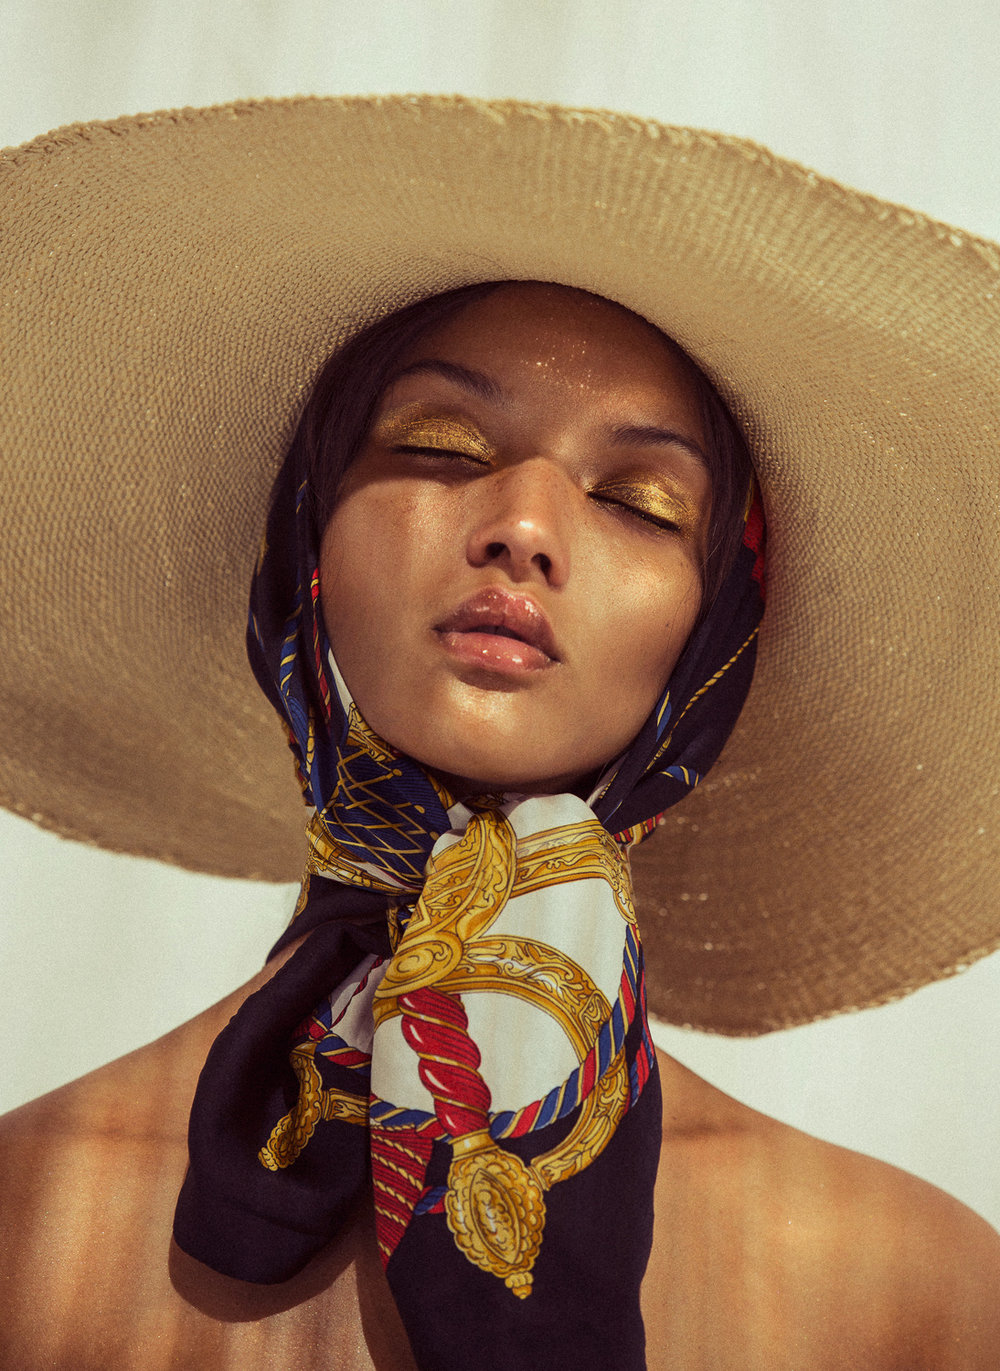 Zalando-summer-dresses-georgia-palmer-by-rok-trzan-5.jpg